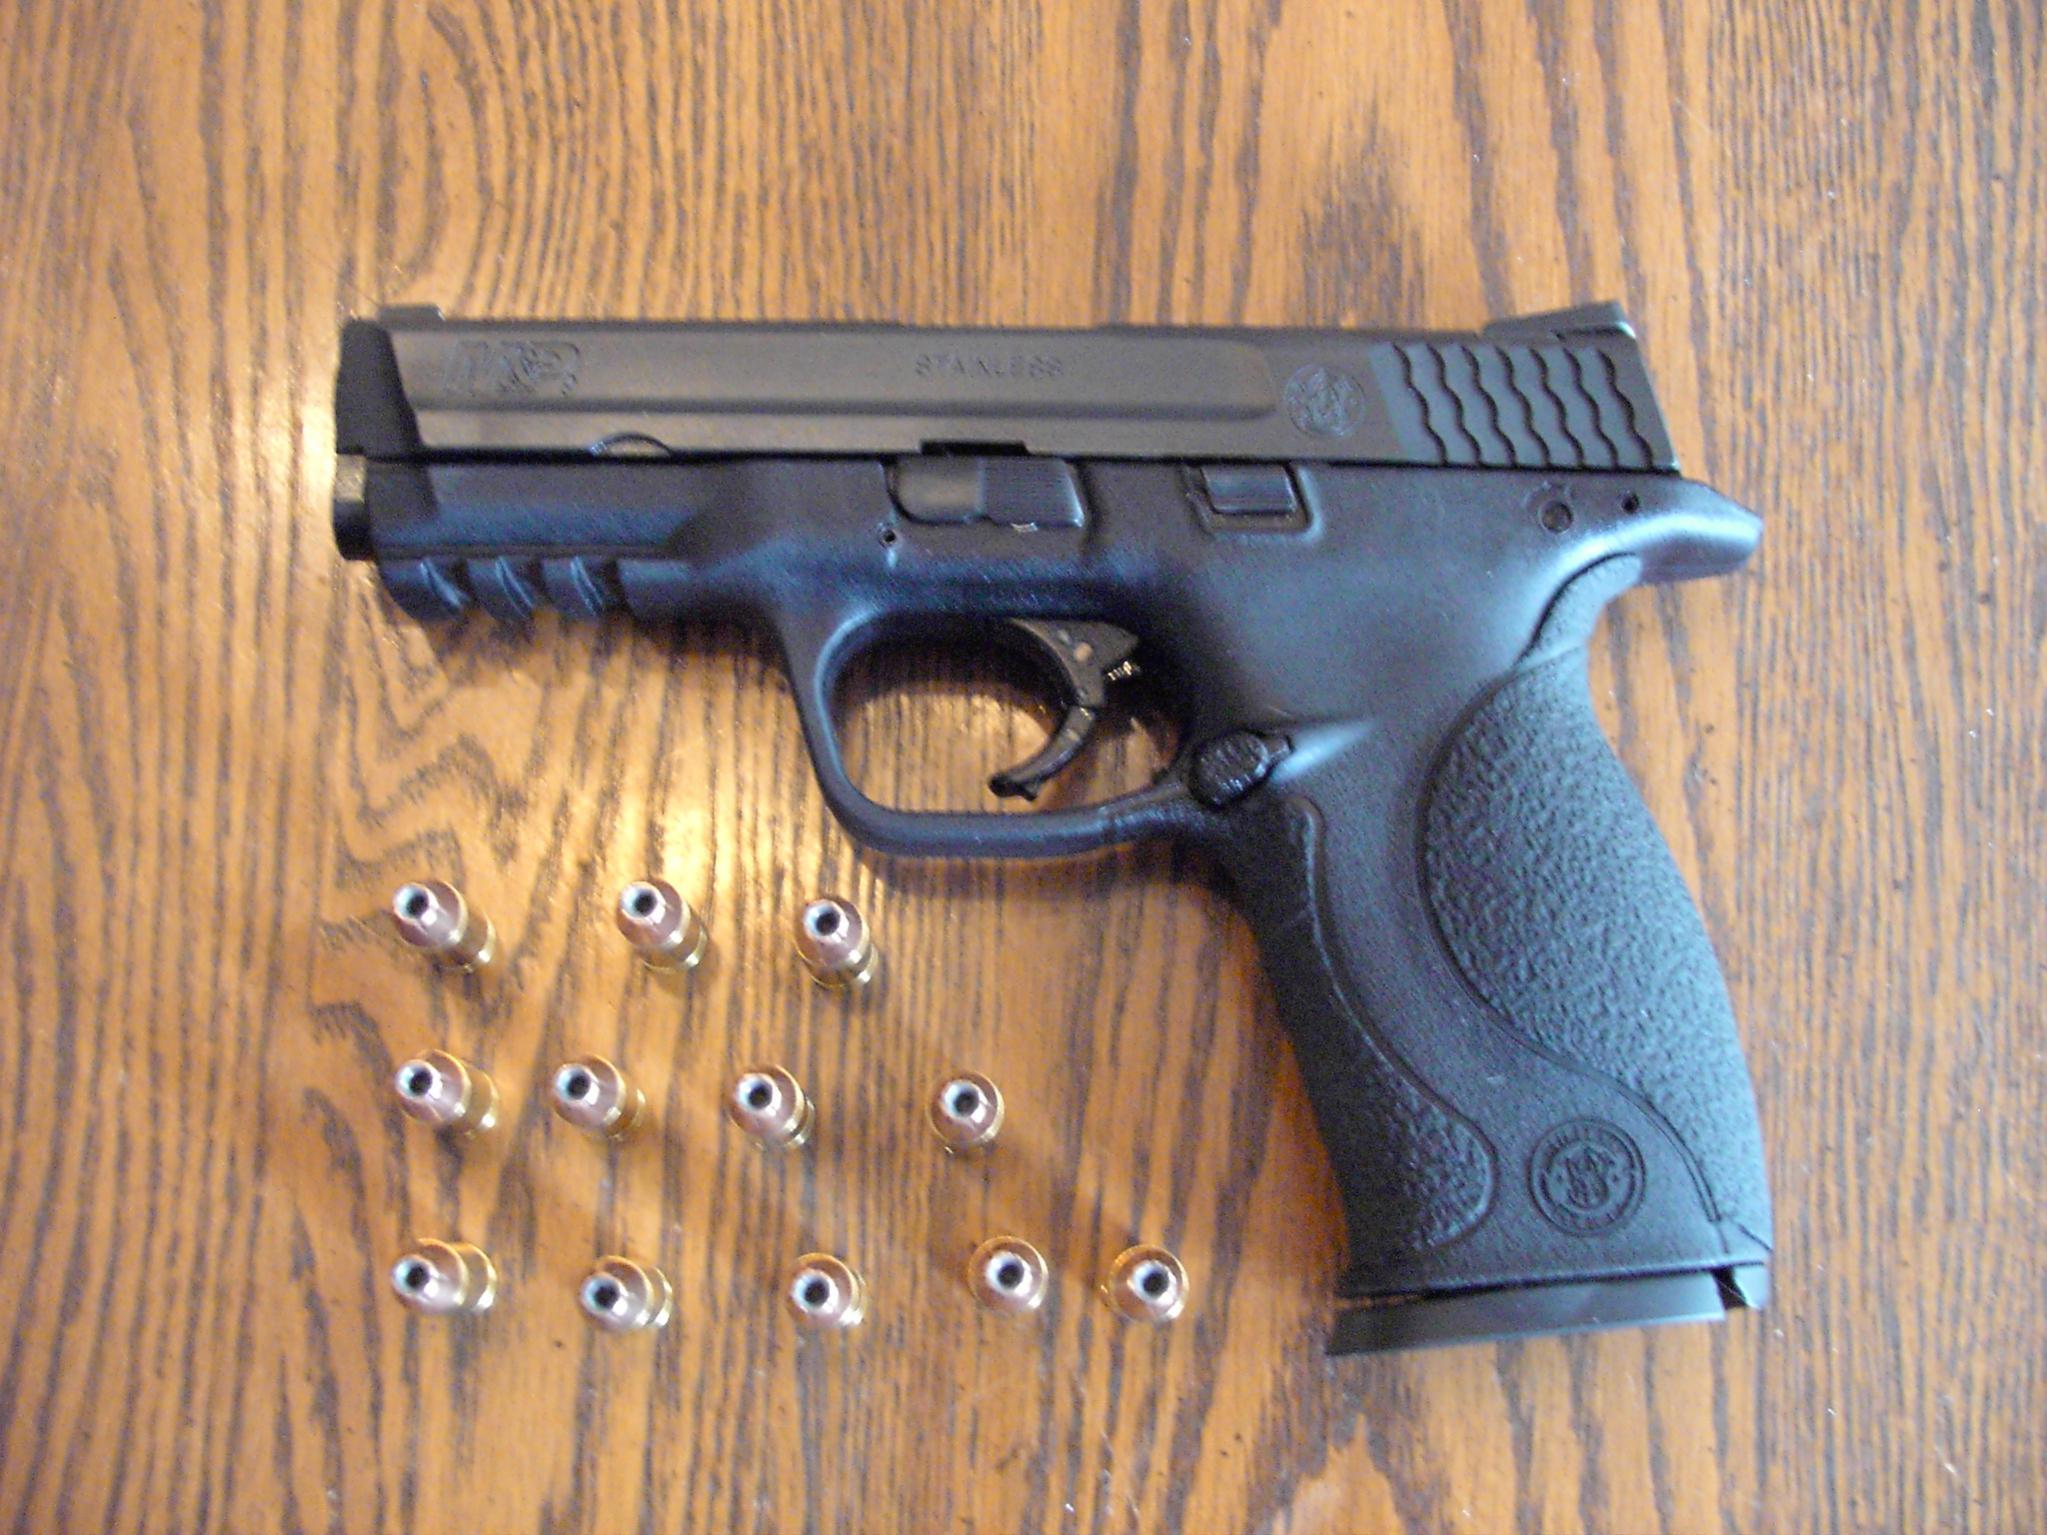 Bedroom gun-s-w-9mm-m-p.jpg